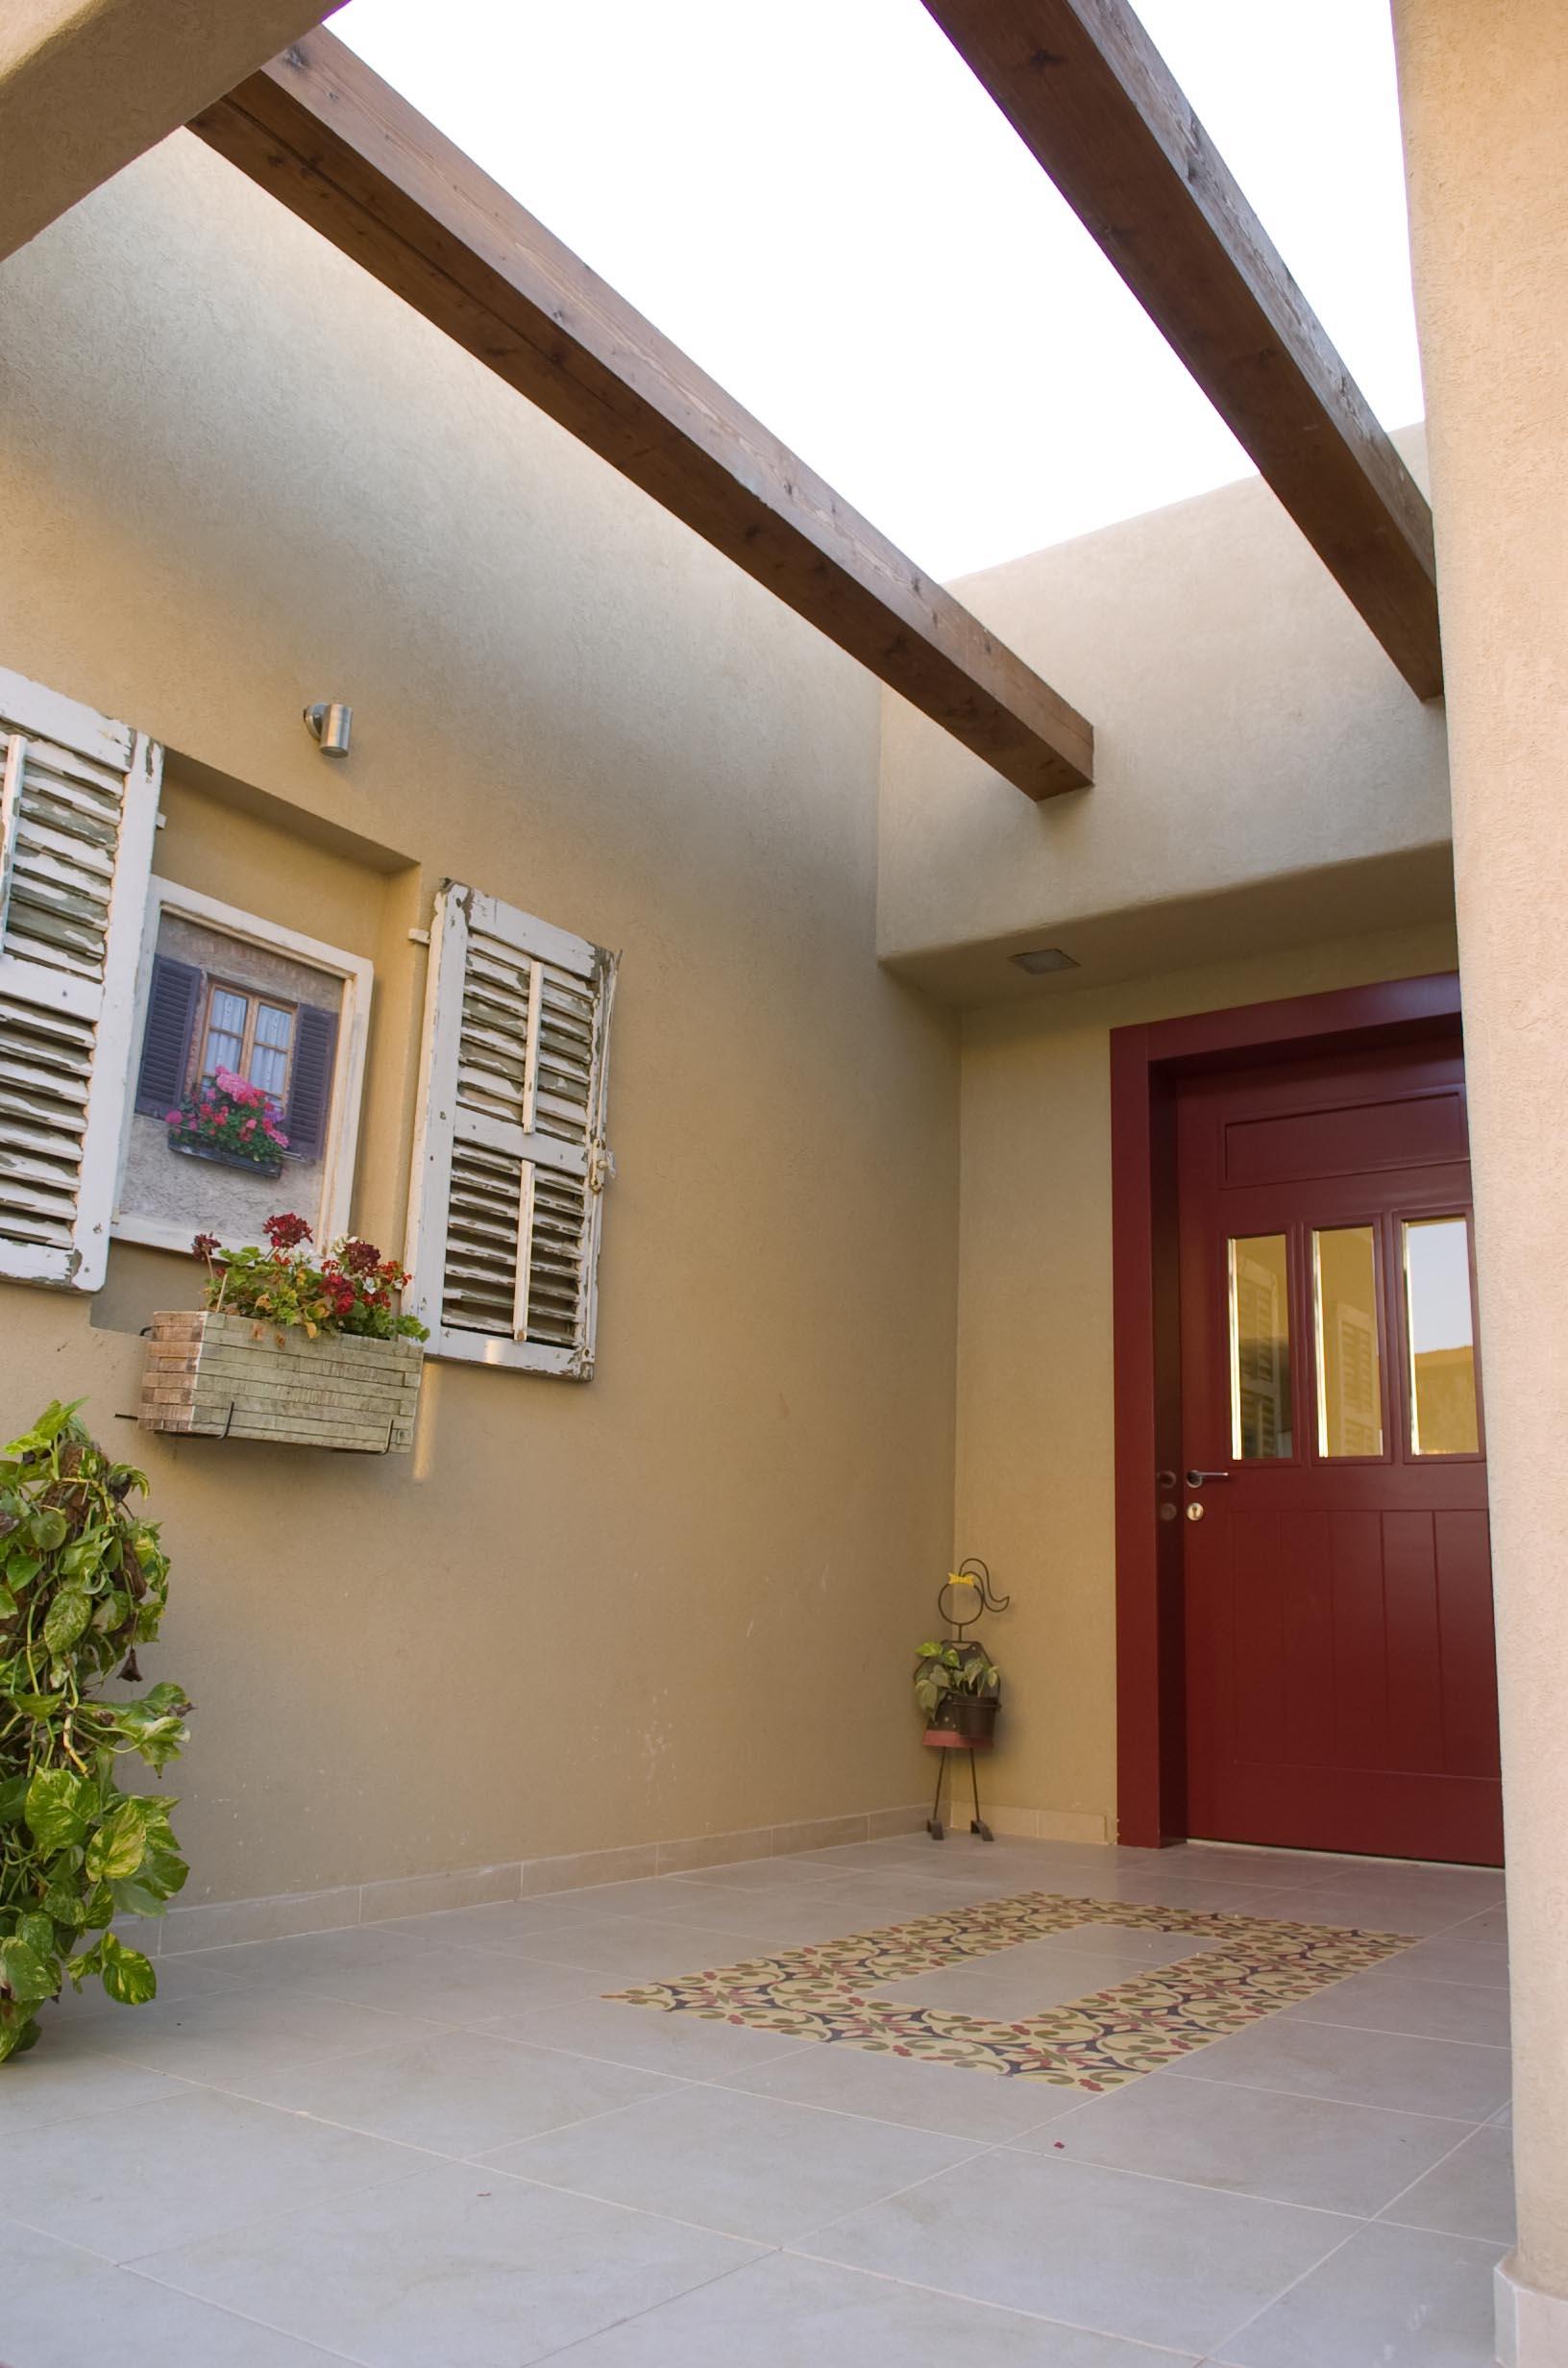 אריחי בטון מעוטרים בכניסה לבית